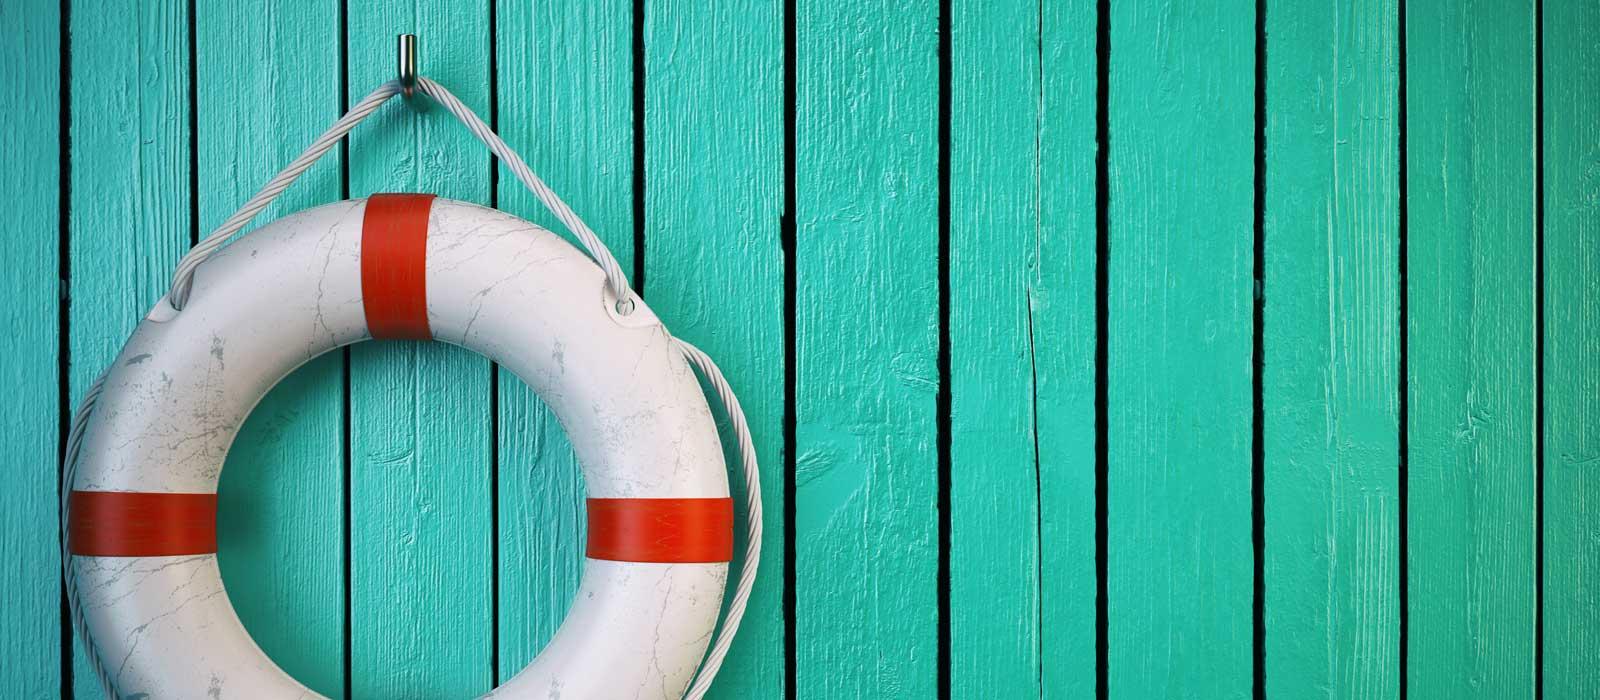 Symbolfoto zeigt einen Rettungsring, der an der Wand hängt